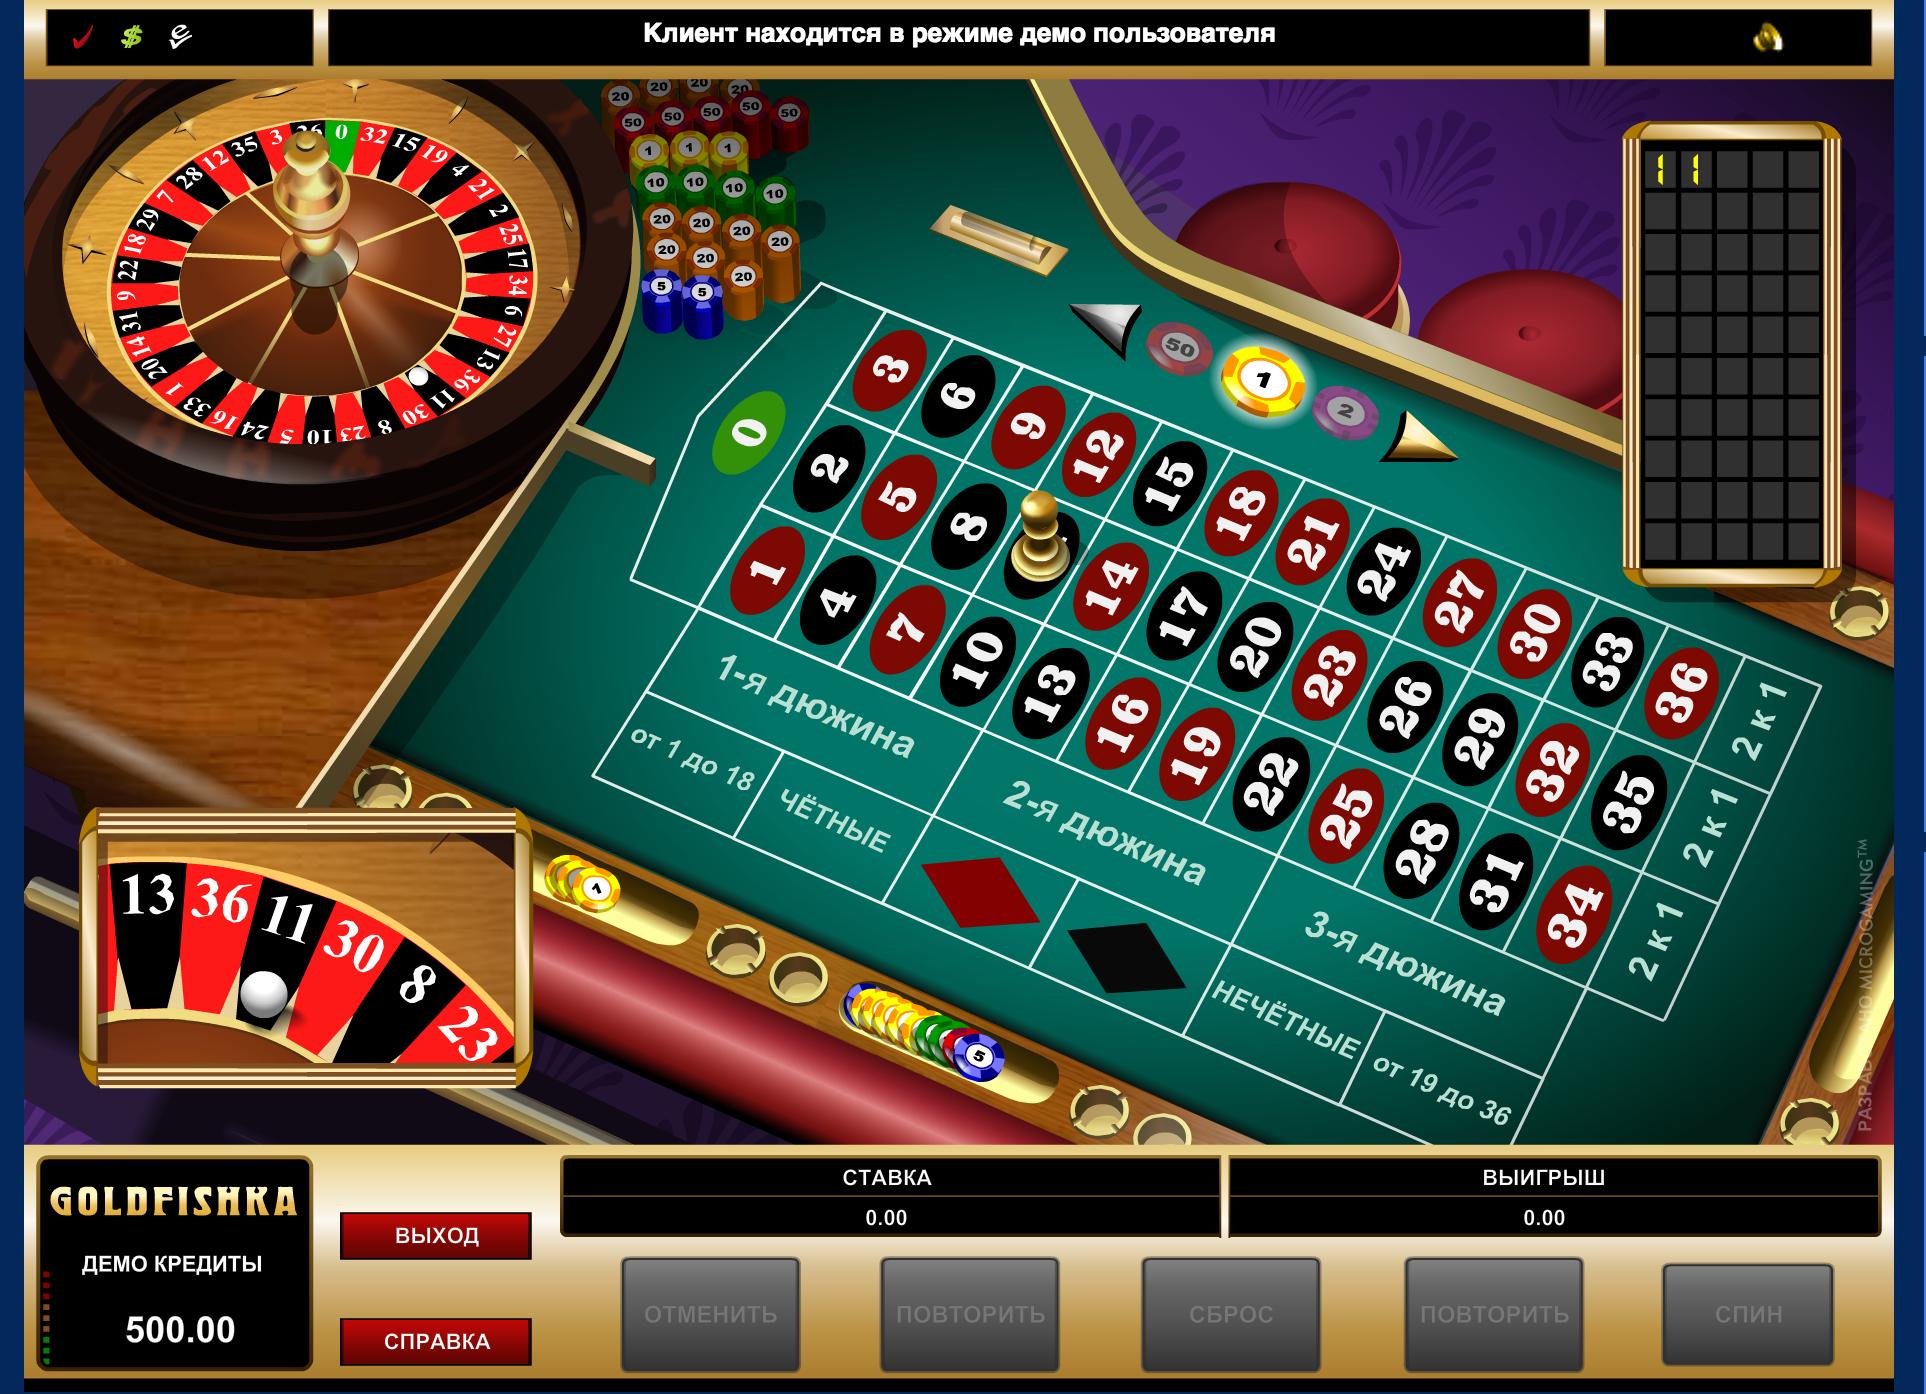 Игровые автоматы шары онлайн бесплатно играть без регистрации косынка 3 карты играть онлайн